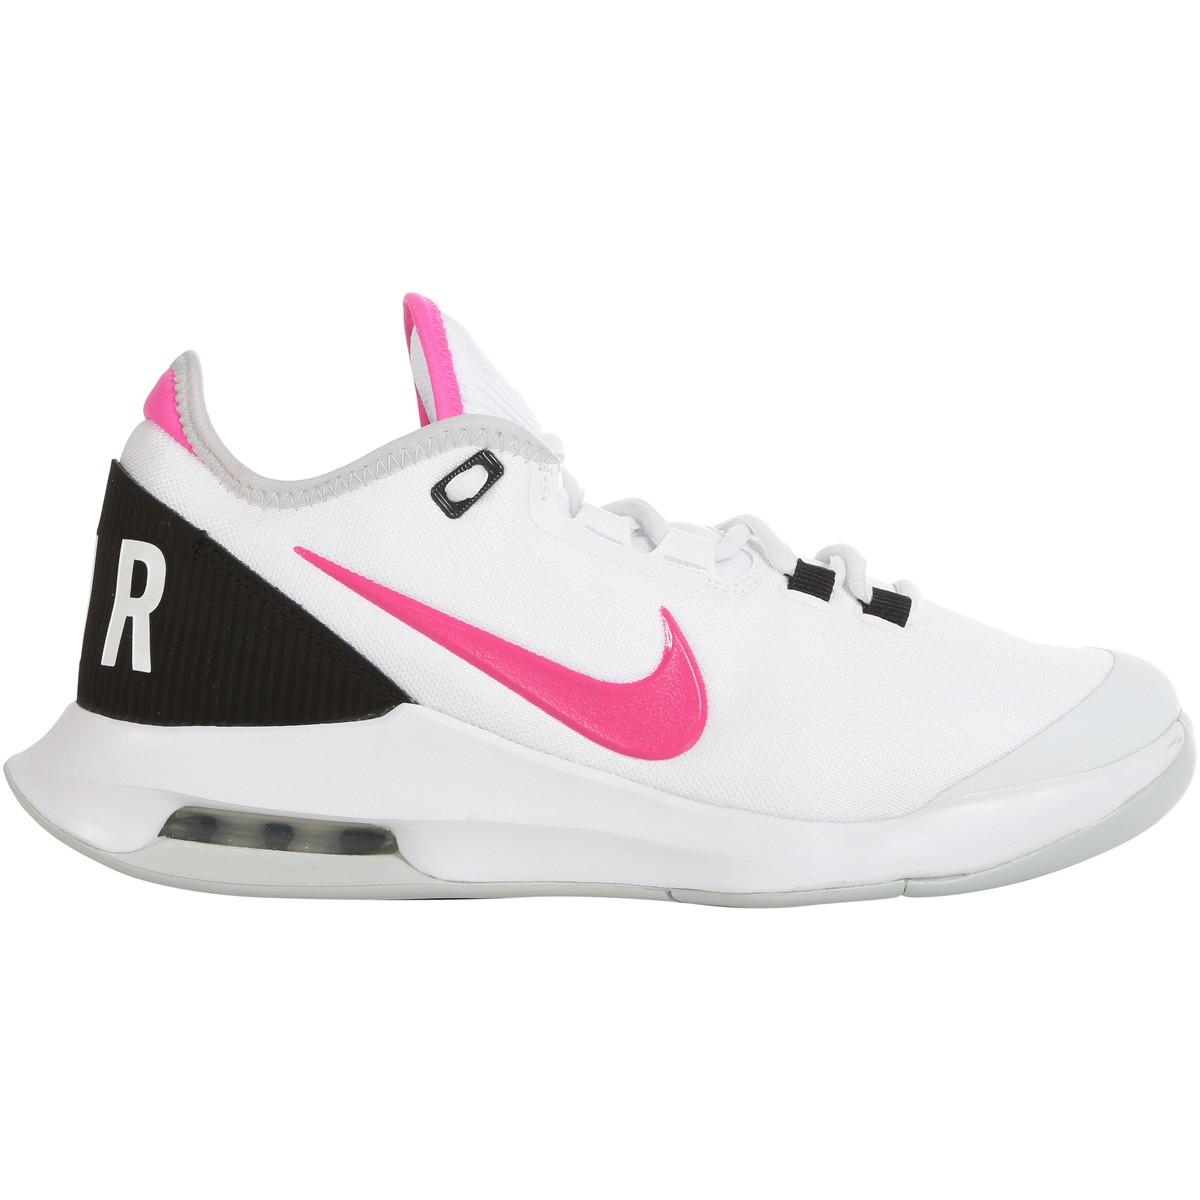 chaussure nike femme air max rose